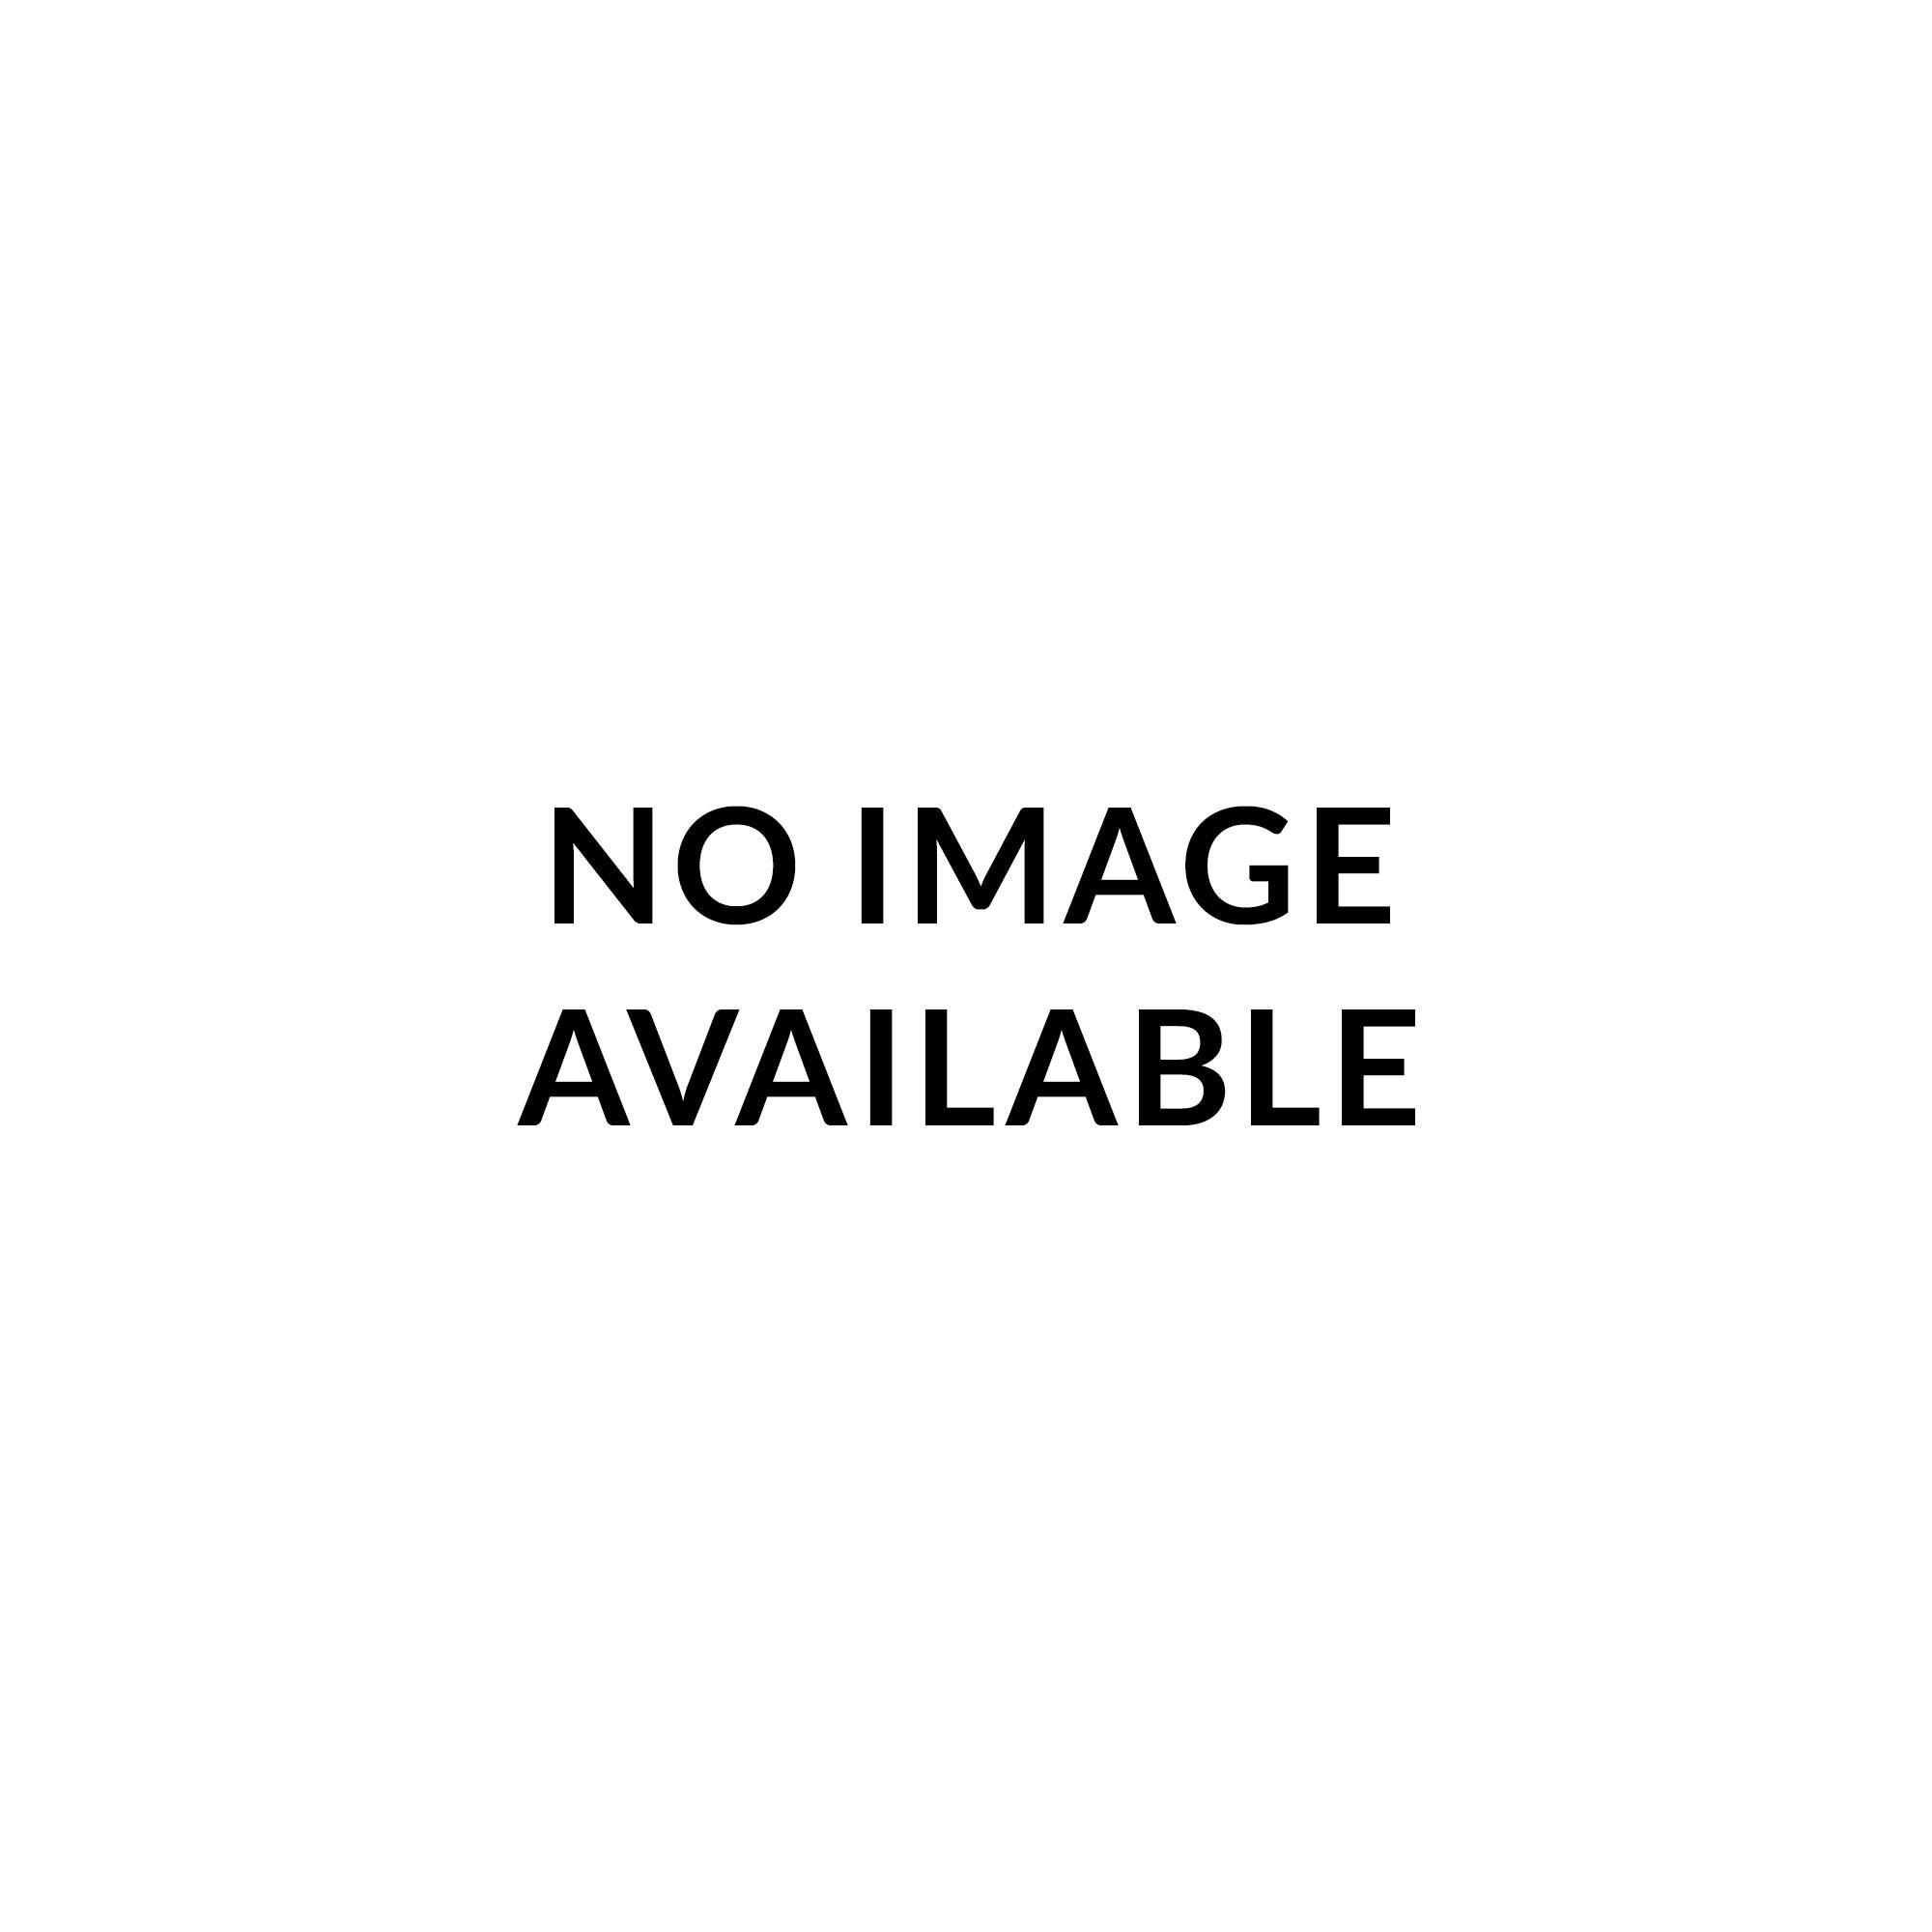 Picato Mandolin Phosphor Bronze Ball End 10-34 Light